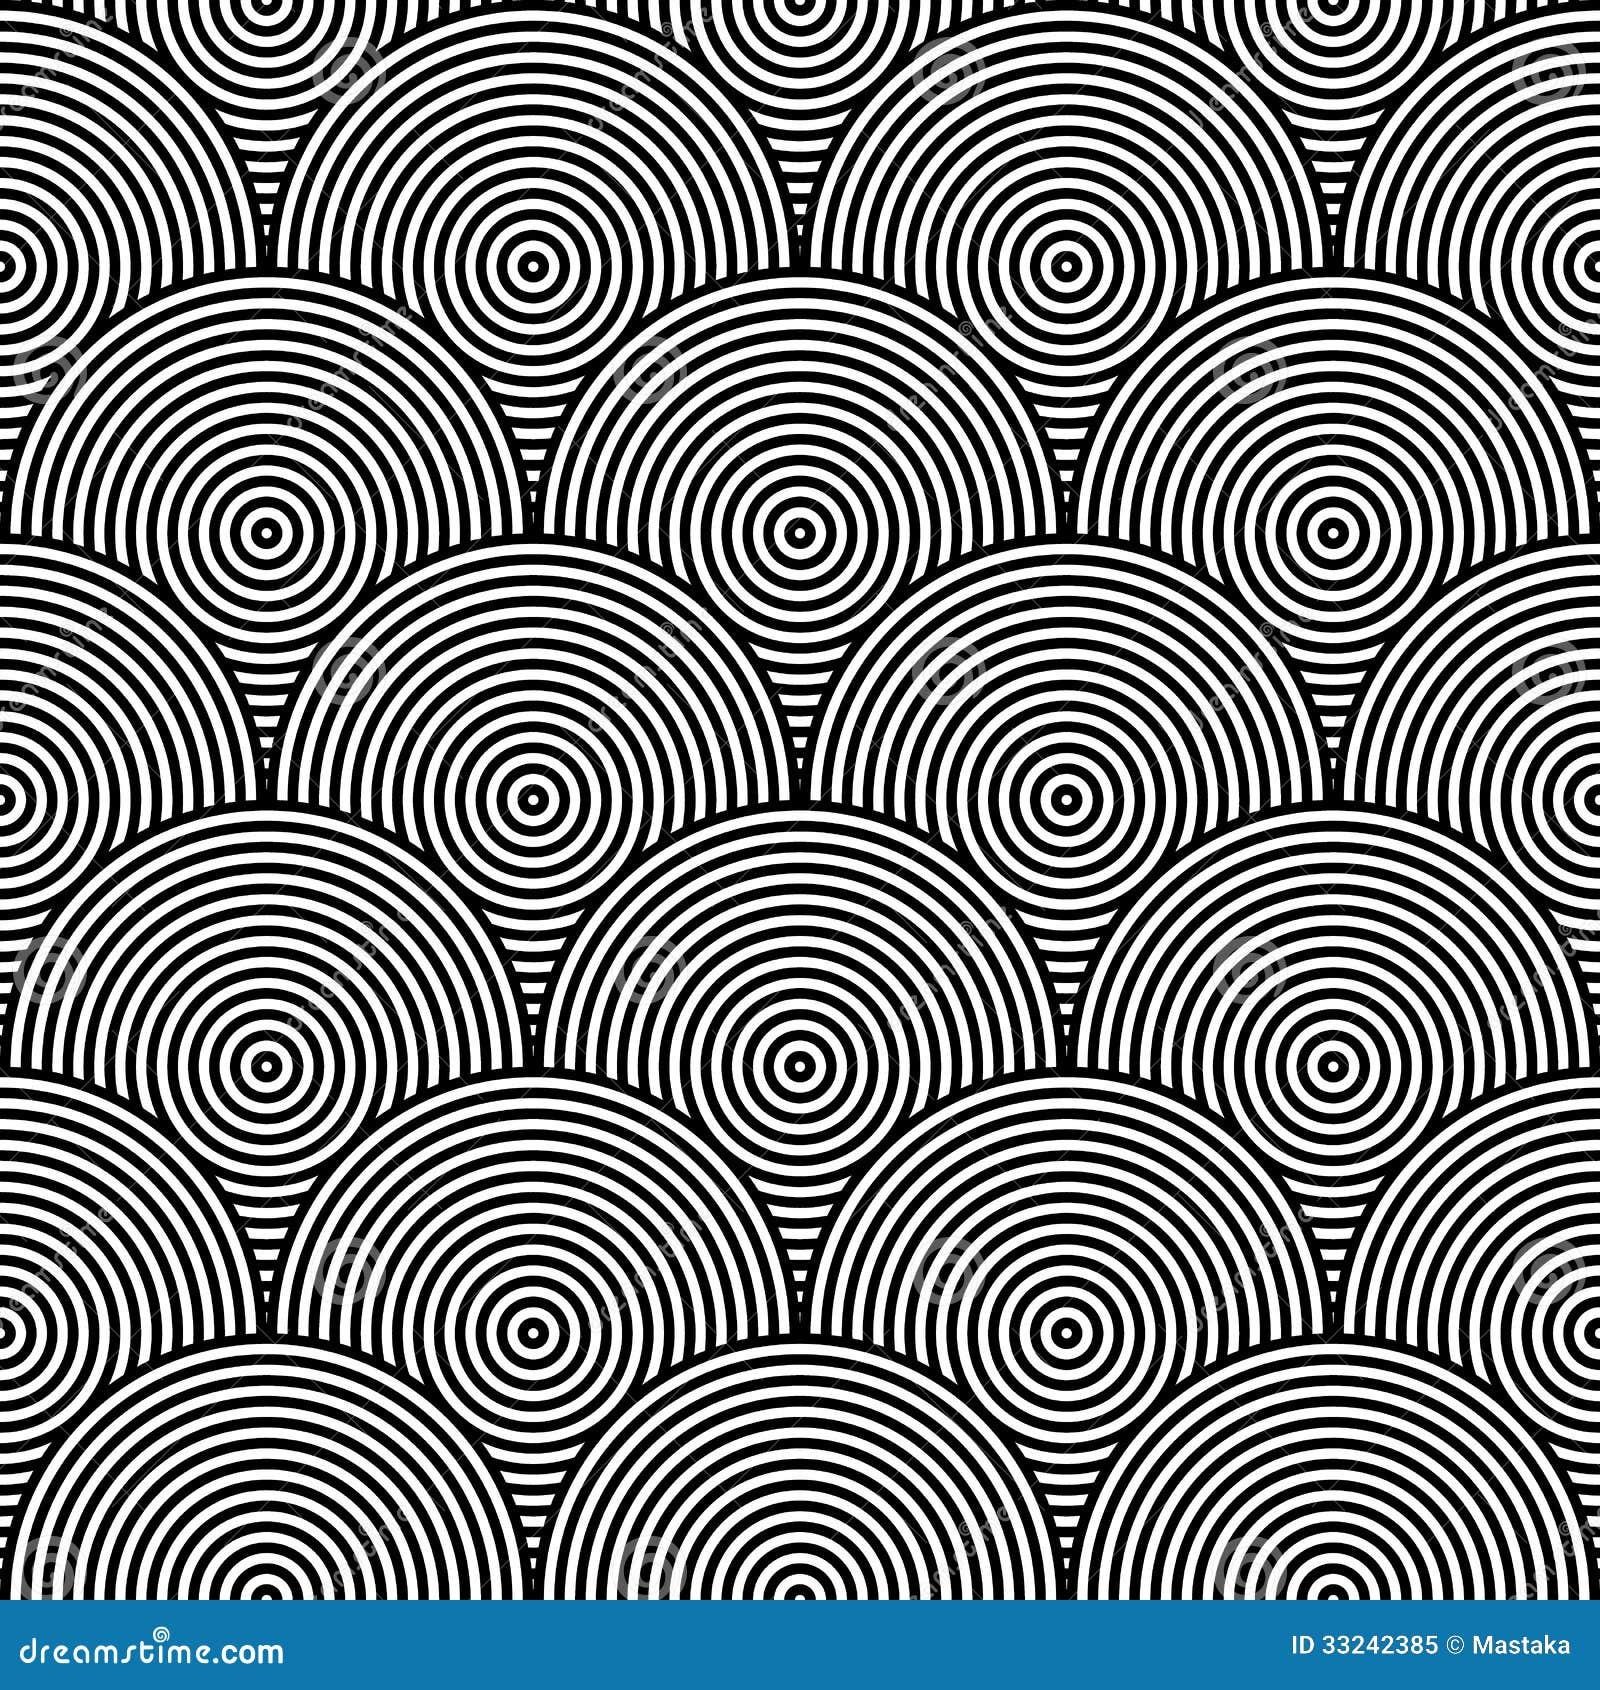 Tessuto Circolare Psichedelico In Bianco E Nero Illustrazione